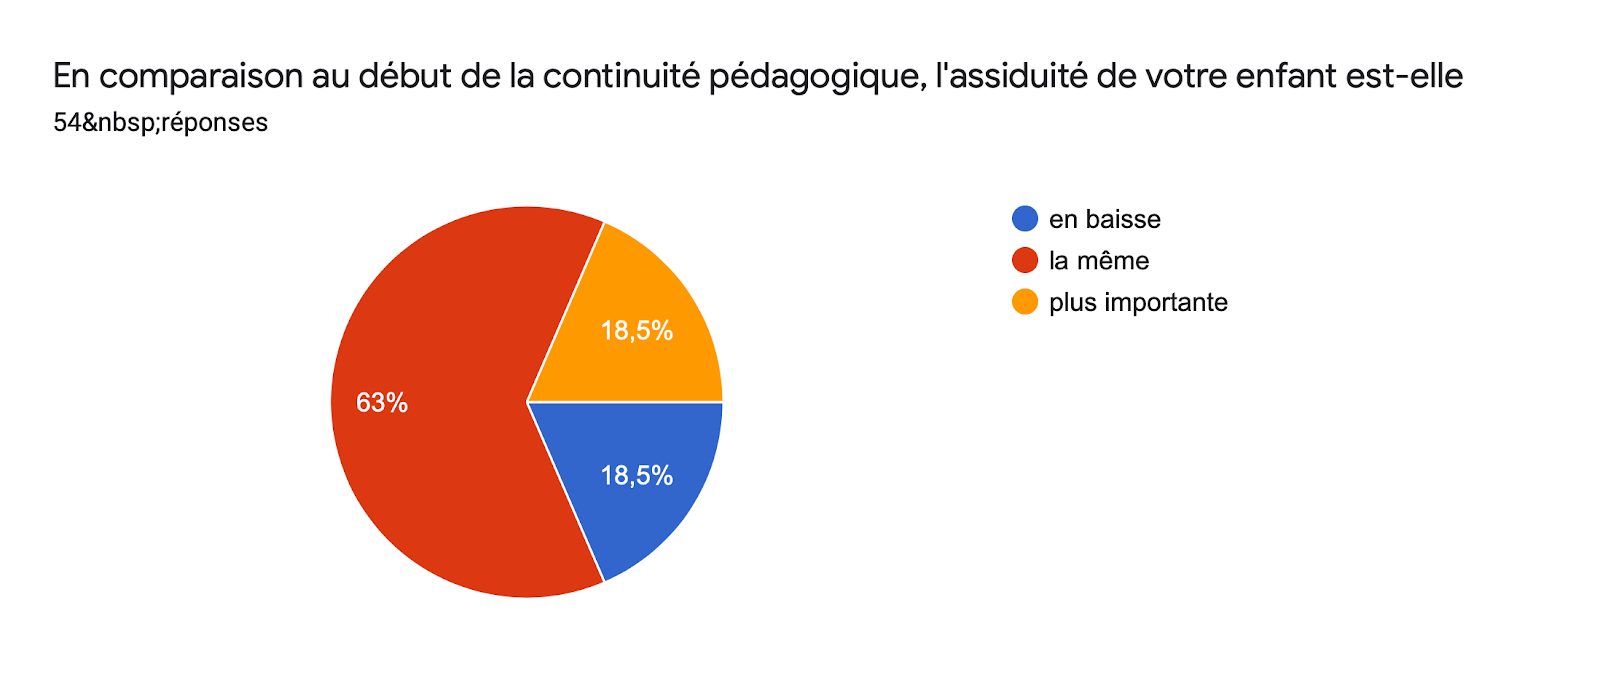 Tableau des réponses au formulaire Forms. Titre de la question: En comparaison au début de la continuité pédagogique, l'assiduité de votre enfant est-elle. Nombre de réponses: 54réponses.